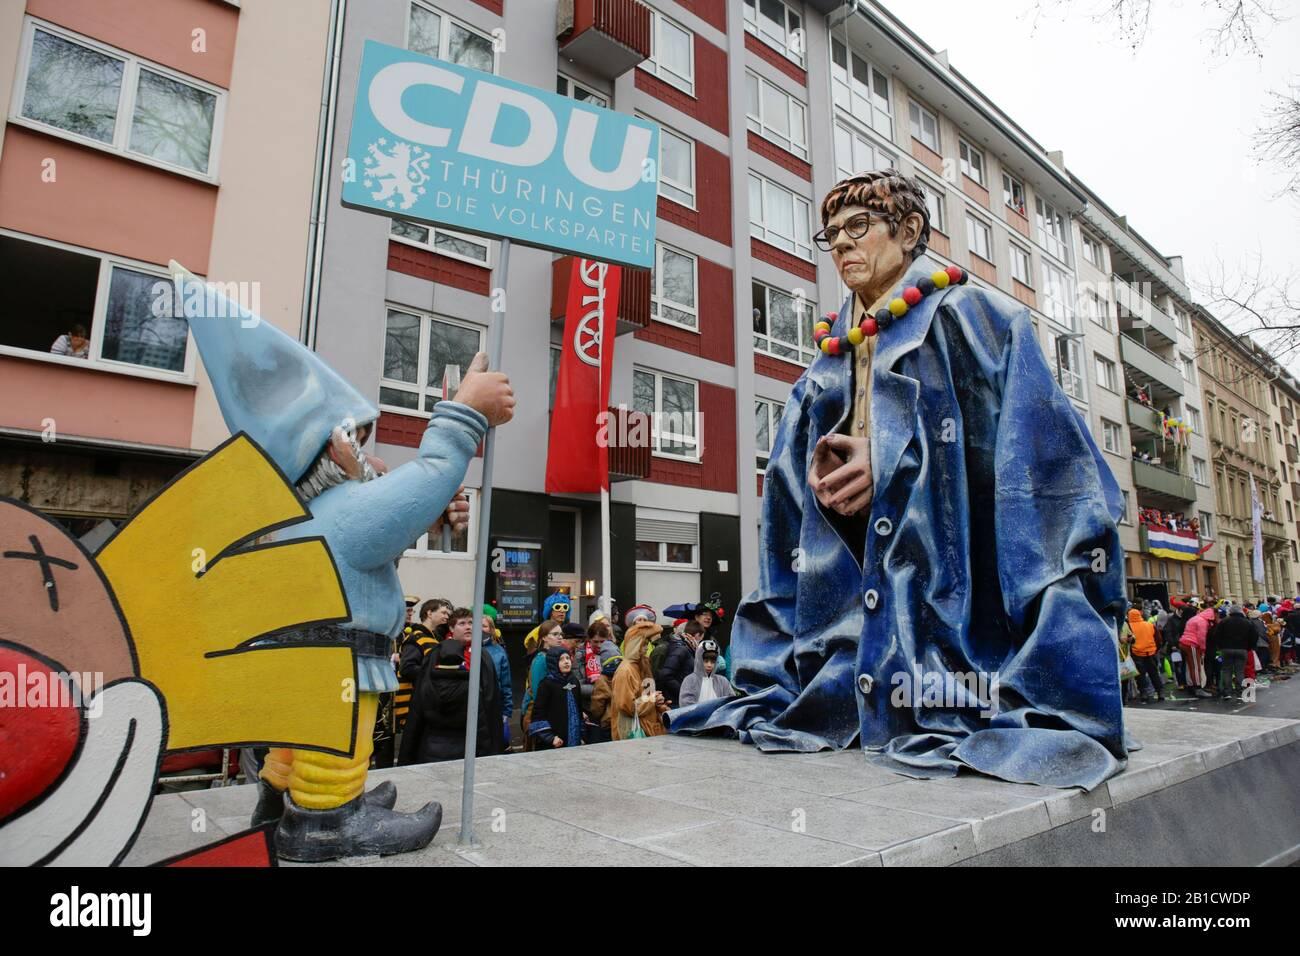 Magonza, Germania. 24th febbraio 2020. La presidente della Christian Democratic Union (CDU) e il ministro tedesco della Difesa Annegelt Kramp-Karrenbauer è raffigurato su un galleggiante nella sfilata di lunedì delle rose di Mainz. Indossa un abito oversize della cancelliera tedesca Angela Merkel e nana con un segno DI STOP e un segno che legge 'CDU Turingia' davanti a lei, lodando la sua non essere in grado di riempire le scarpe di Angela Merkel, soprattutto dopo il recente scandalo dopo le elezioni della Turingia. Circa mezzo milione di persone hanno fiancheggiato le strade di Magonza per la tradizionale sfilata del Carnevale di Rose Monday. La sfilata lunga 9 km Foto Stock